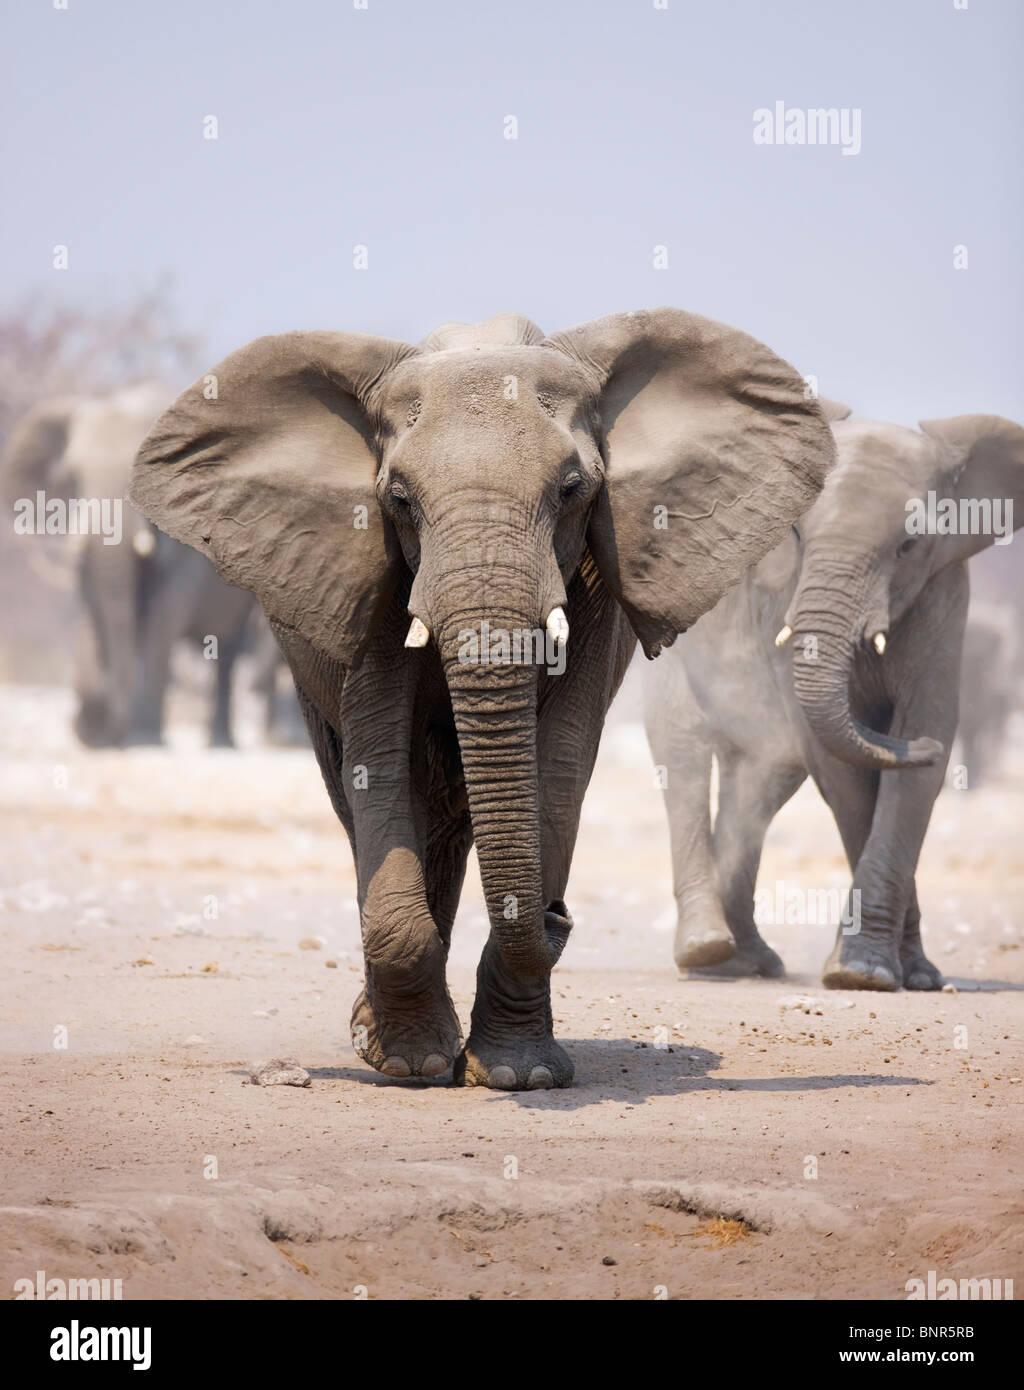 L'approche de l'éléphant sur le sable poussiéreux du troupeau avec en arrière-plan (suite) Photo Stock